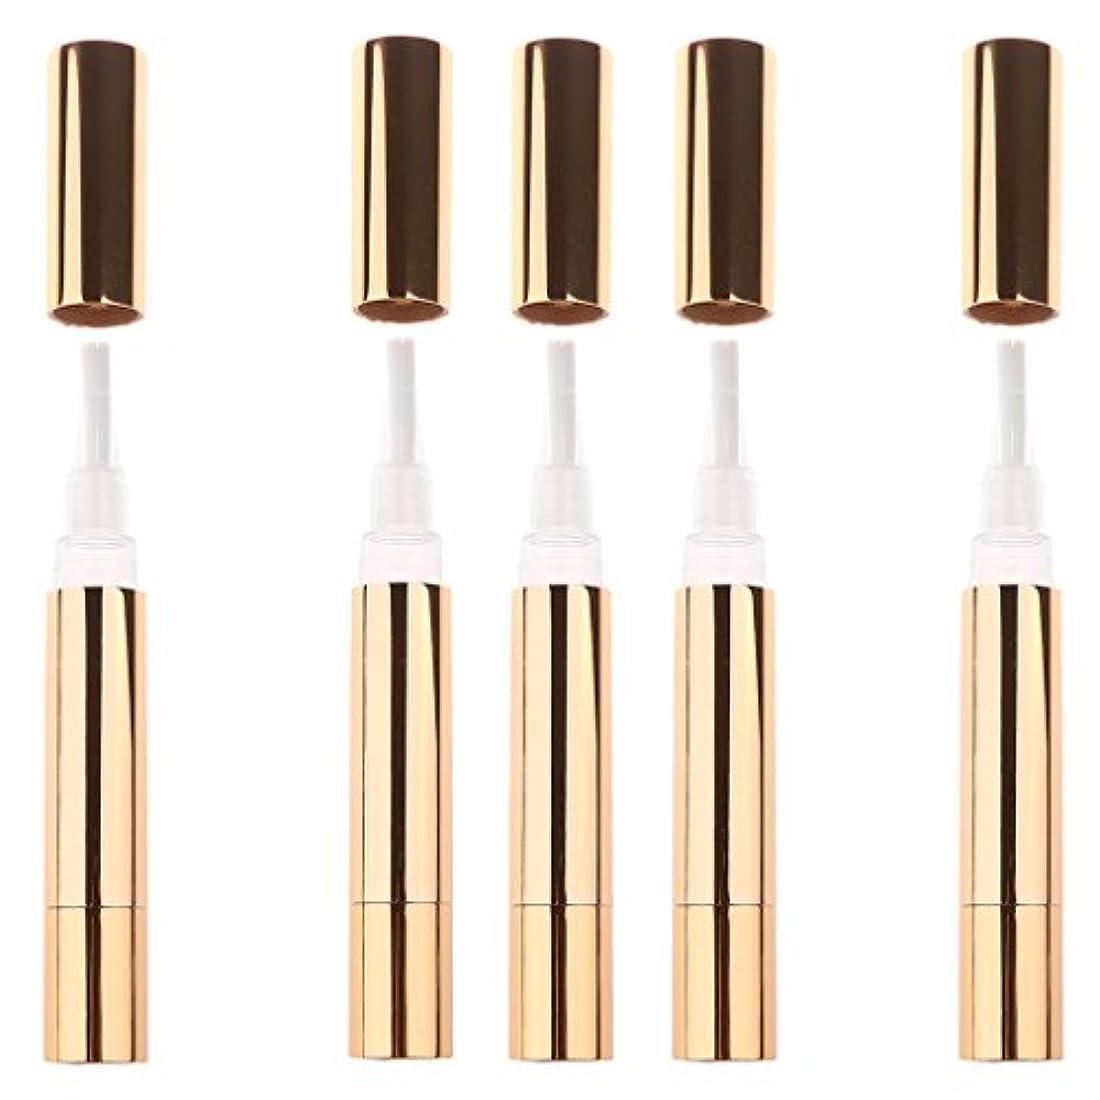 テニス広げる動機付ける3色5個5mlクリア空のツイストペン化粧品キューティクルオイルコンテナ液体リップグロスマニキュアチューブ - ゴールド